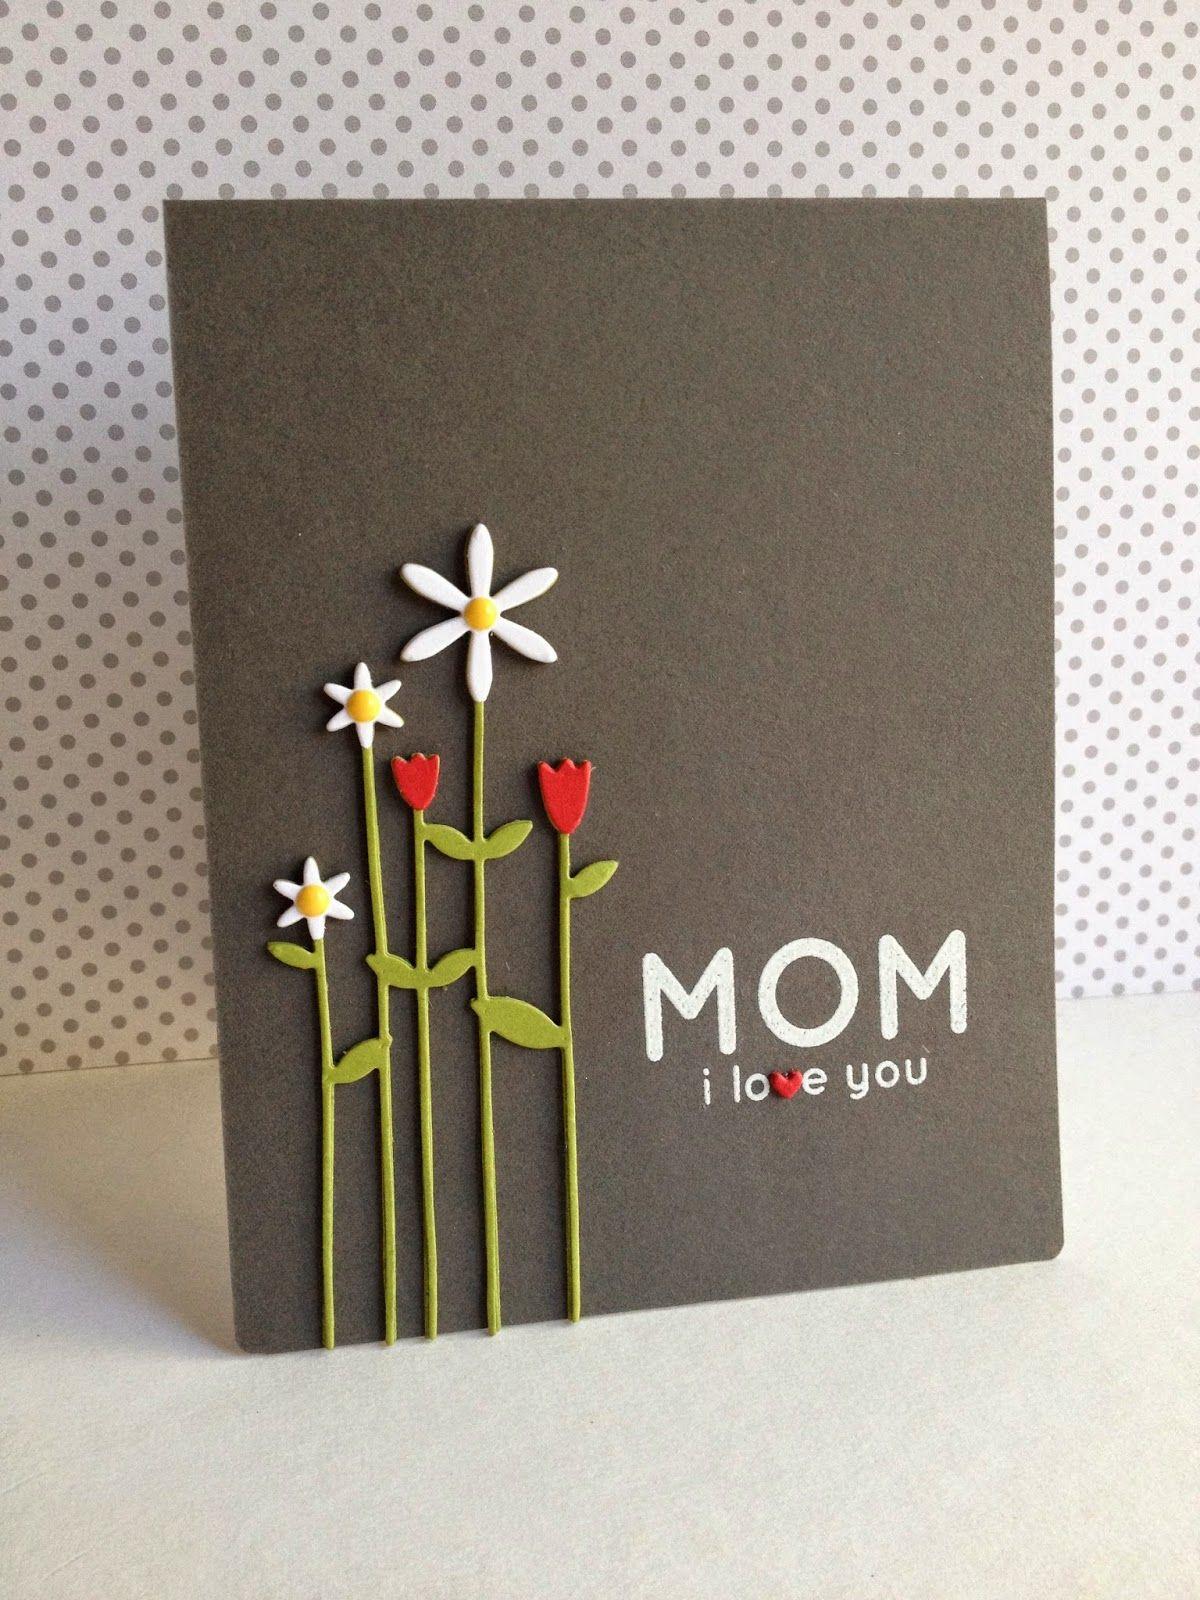 Thiệp mừng mùng 8 tháng 3 cho mẹ